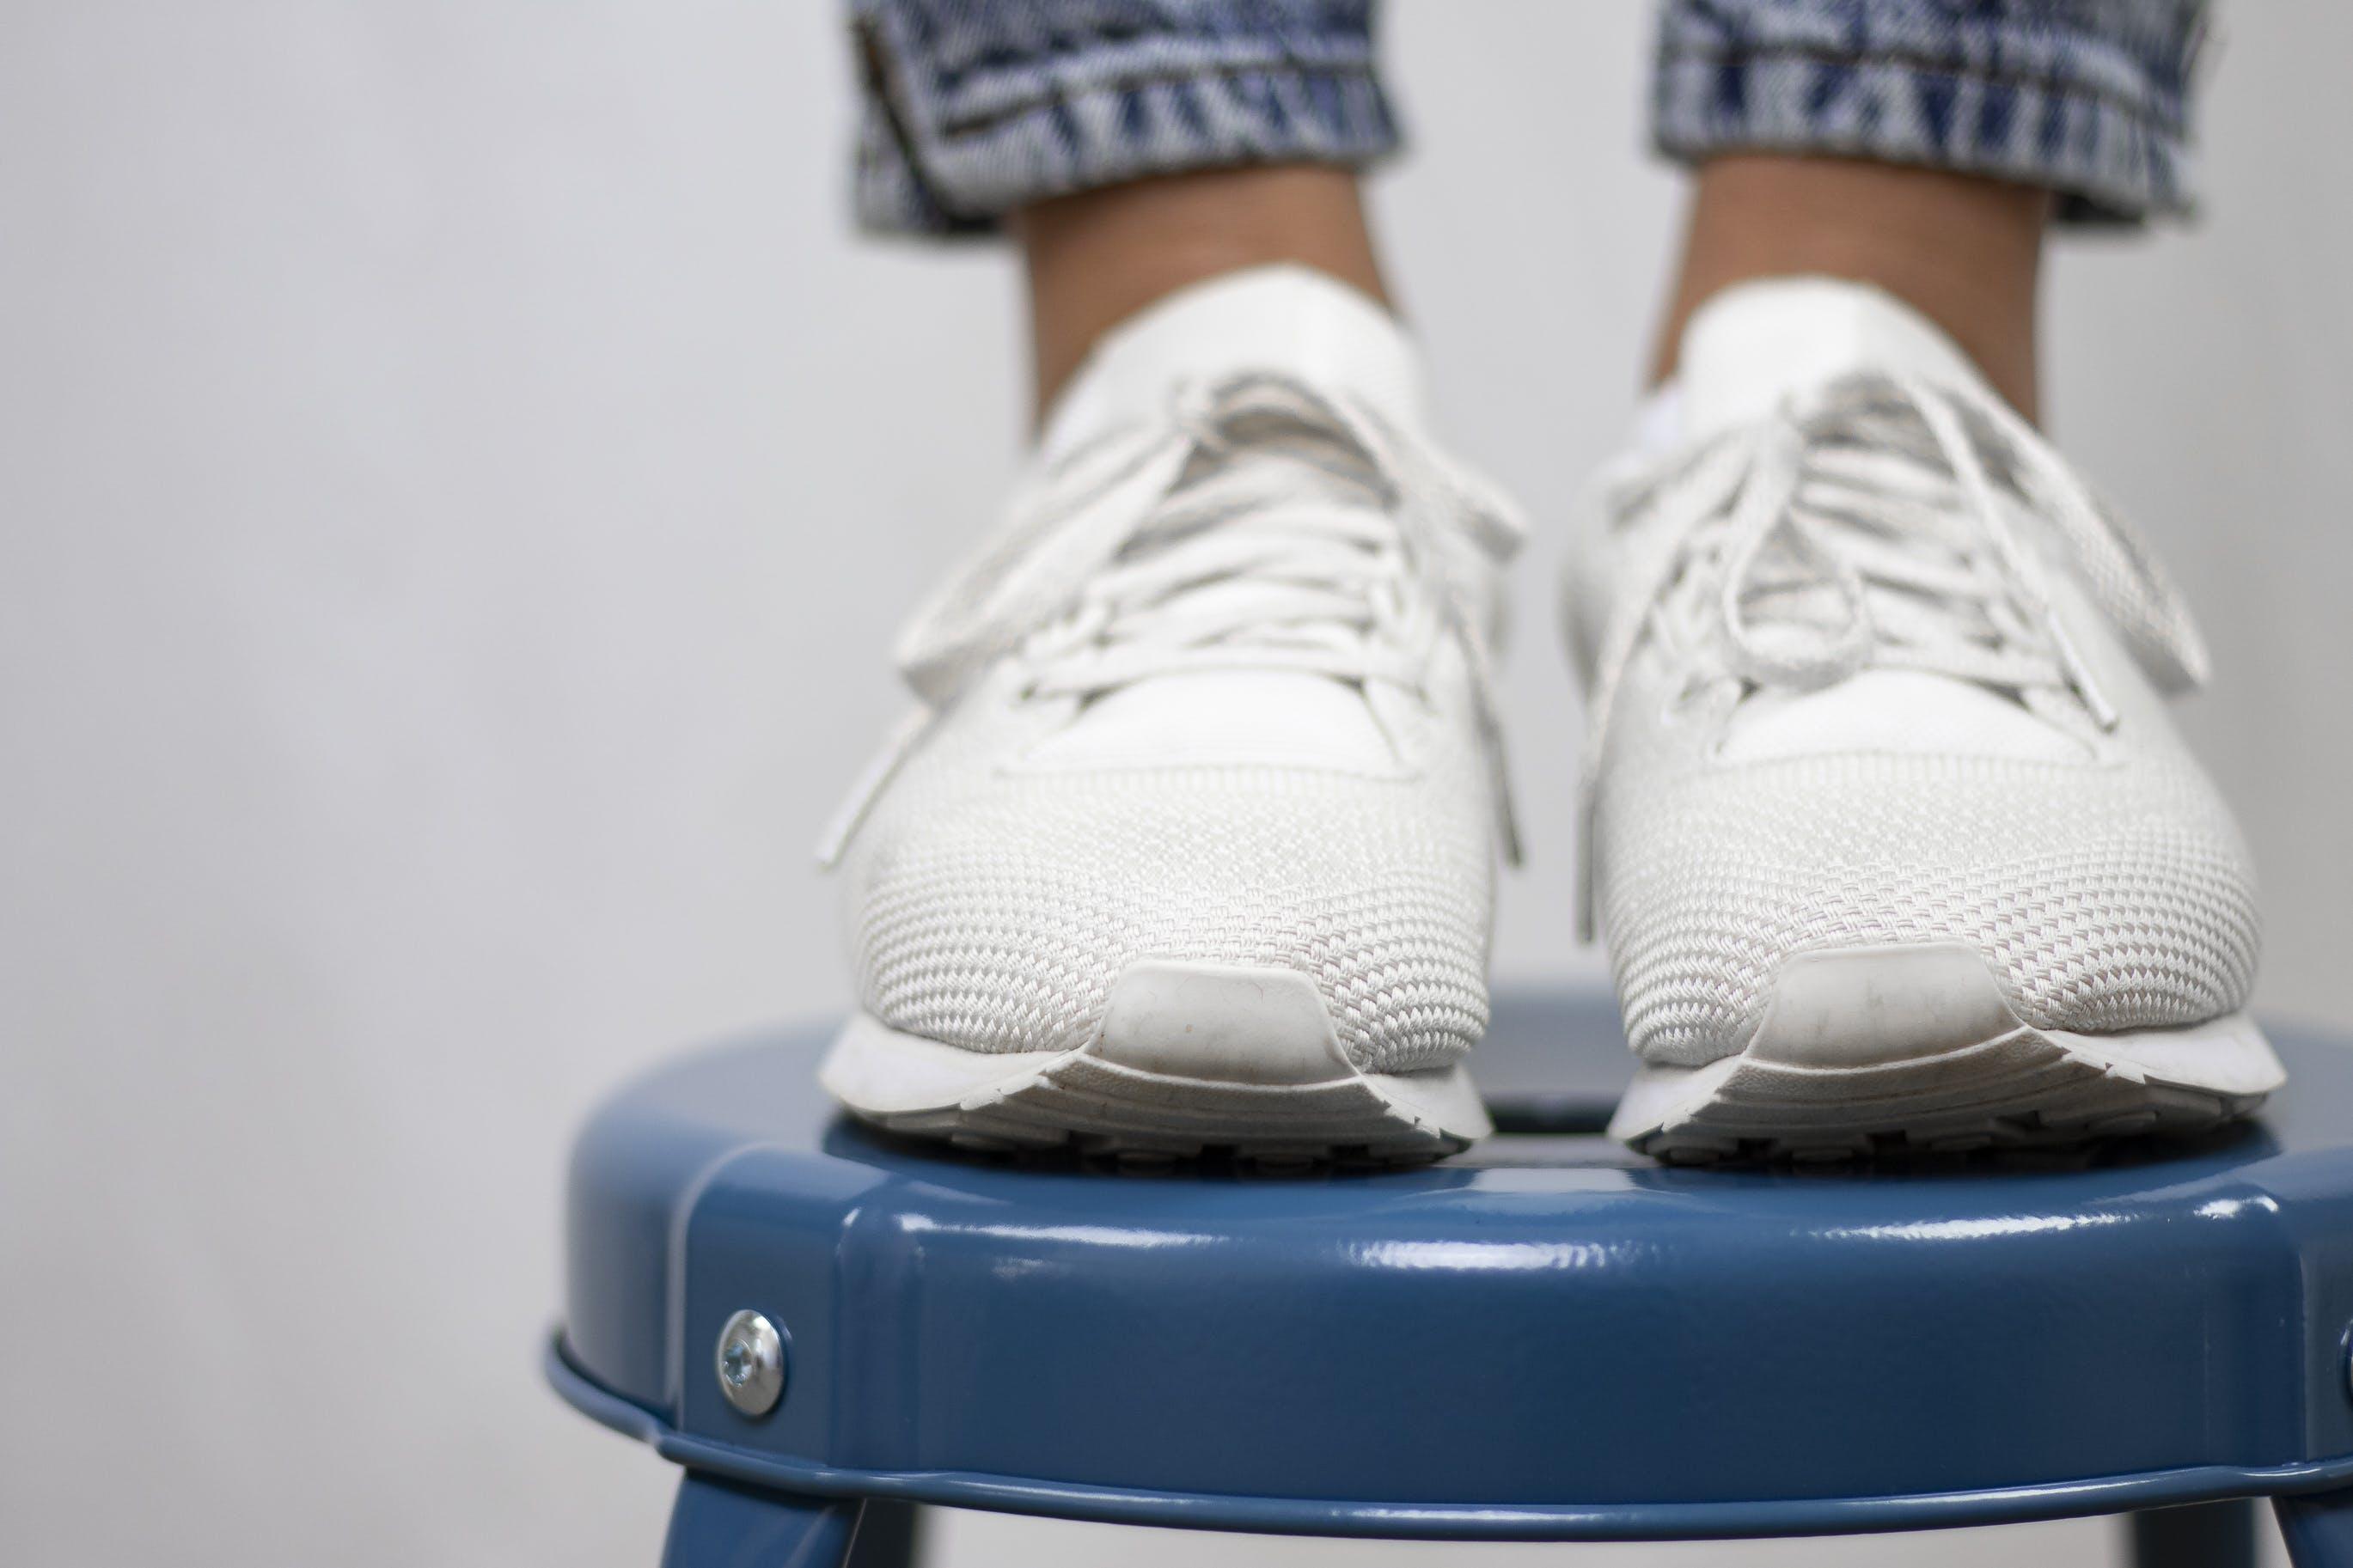 ayakkabılar, ayaklar, oturak, Spor ayakkabılar içeren Ücretsiz stok fotoğraf